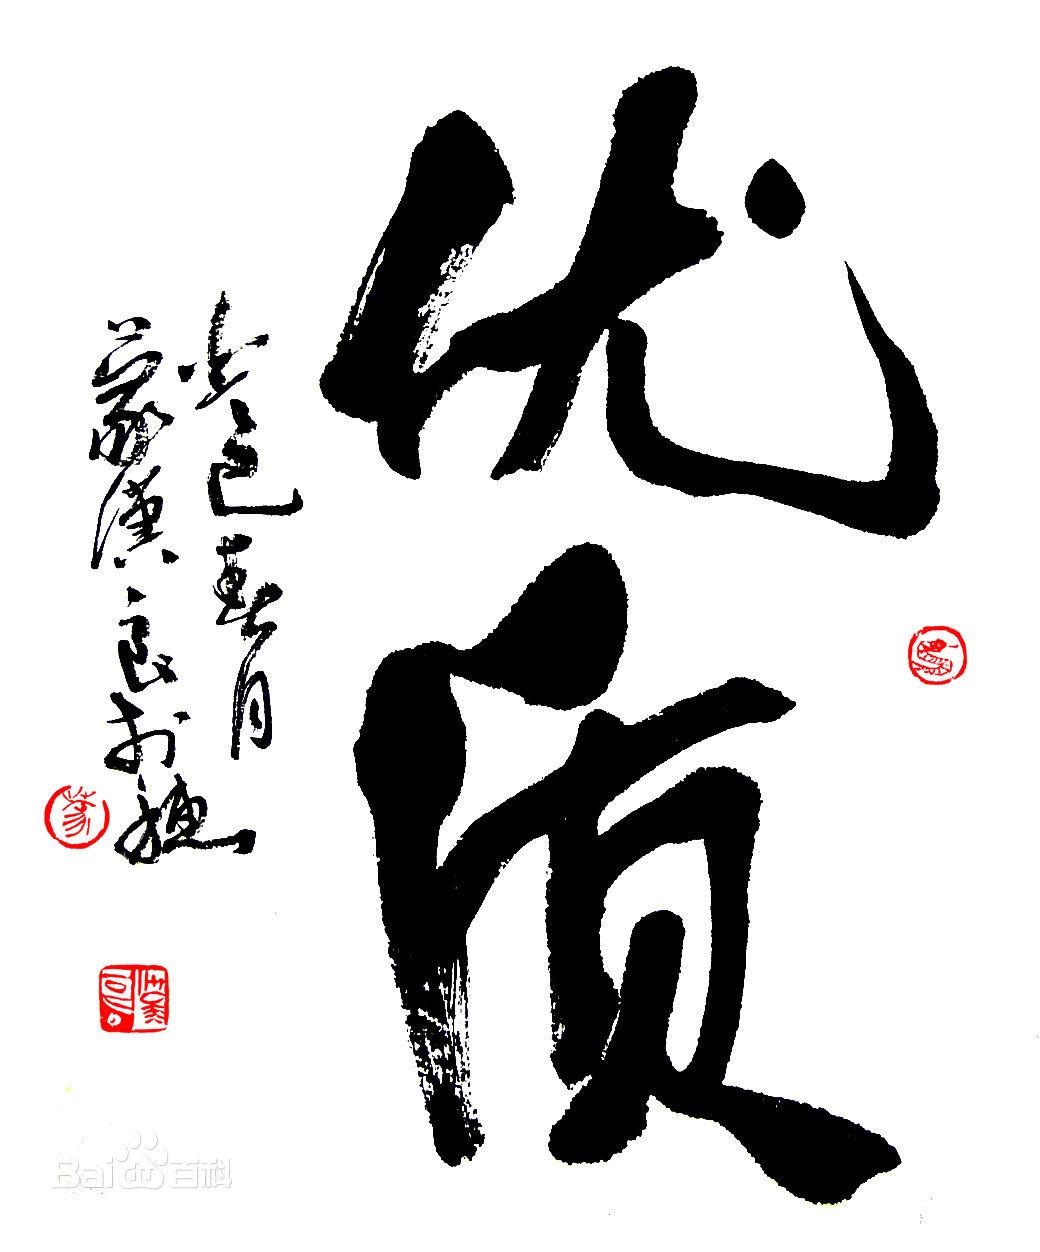 优质人生名词解释 文化俗人人生百科 第1张